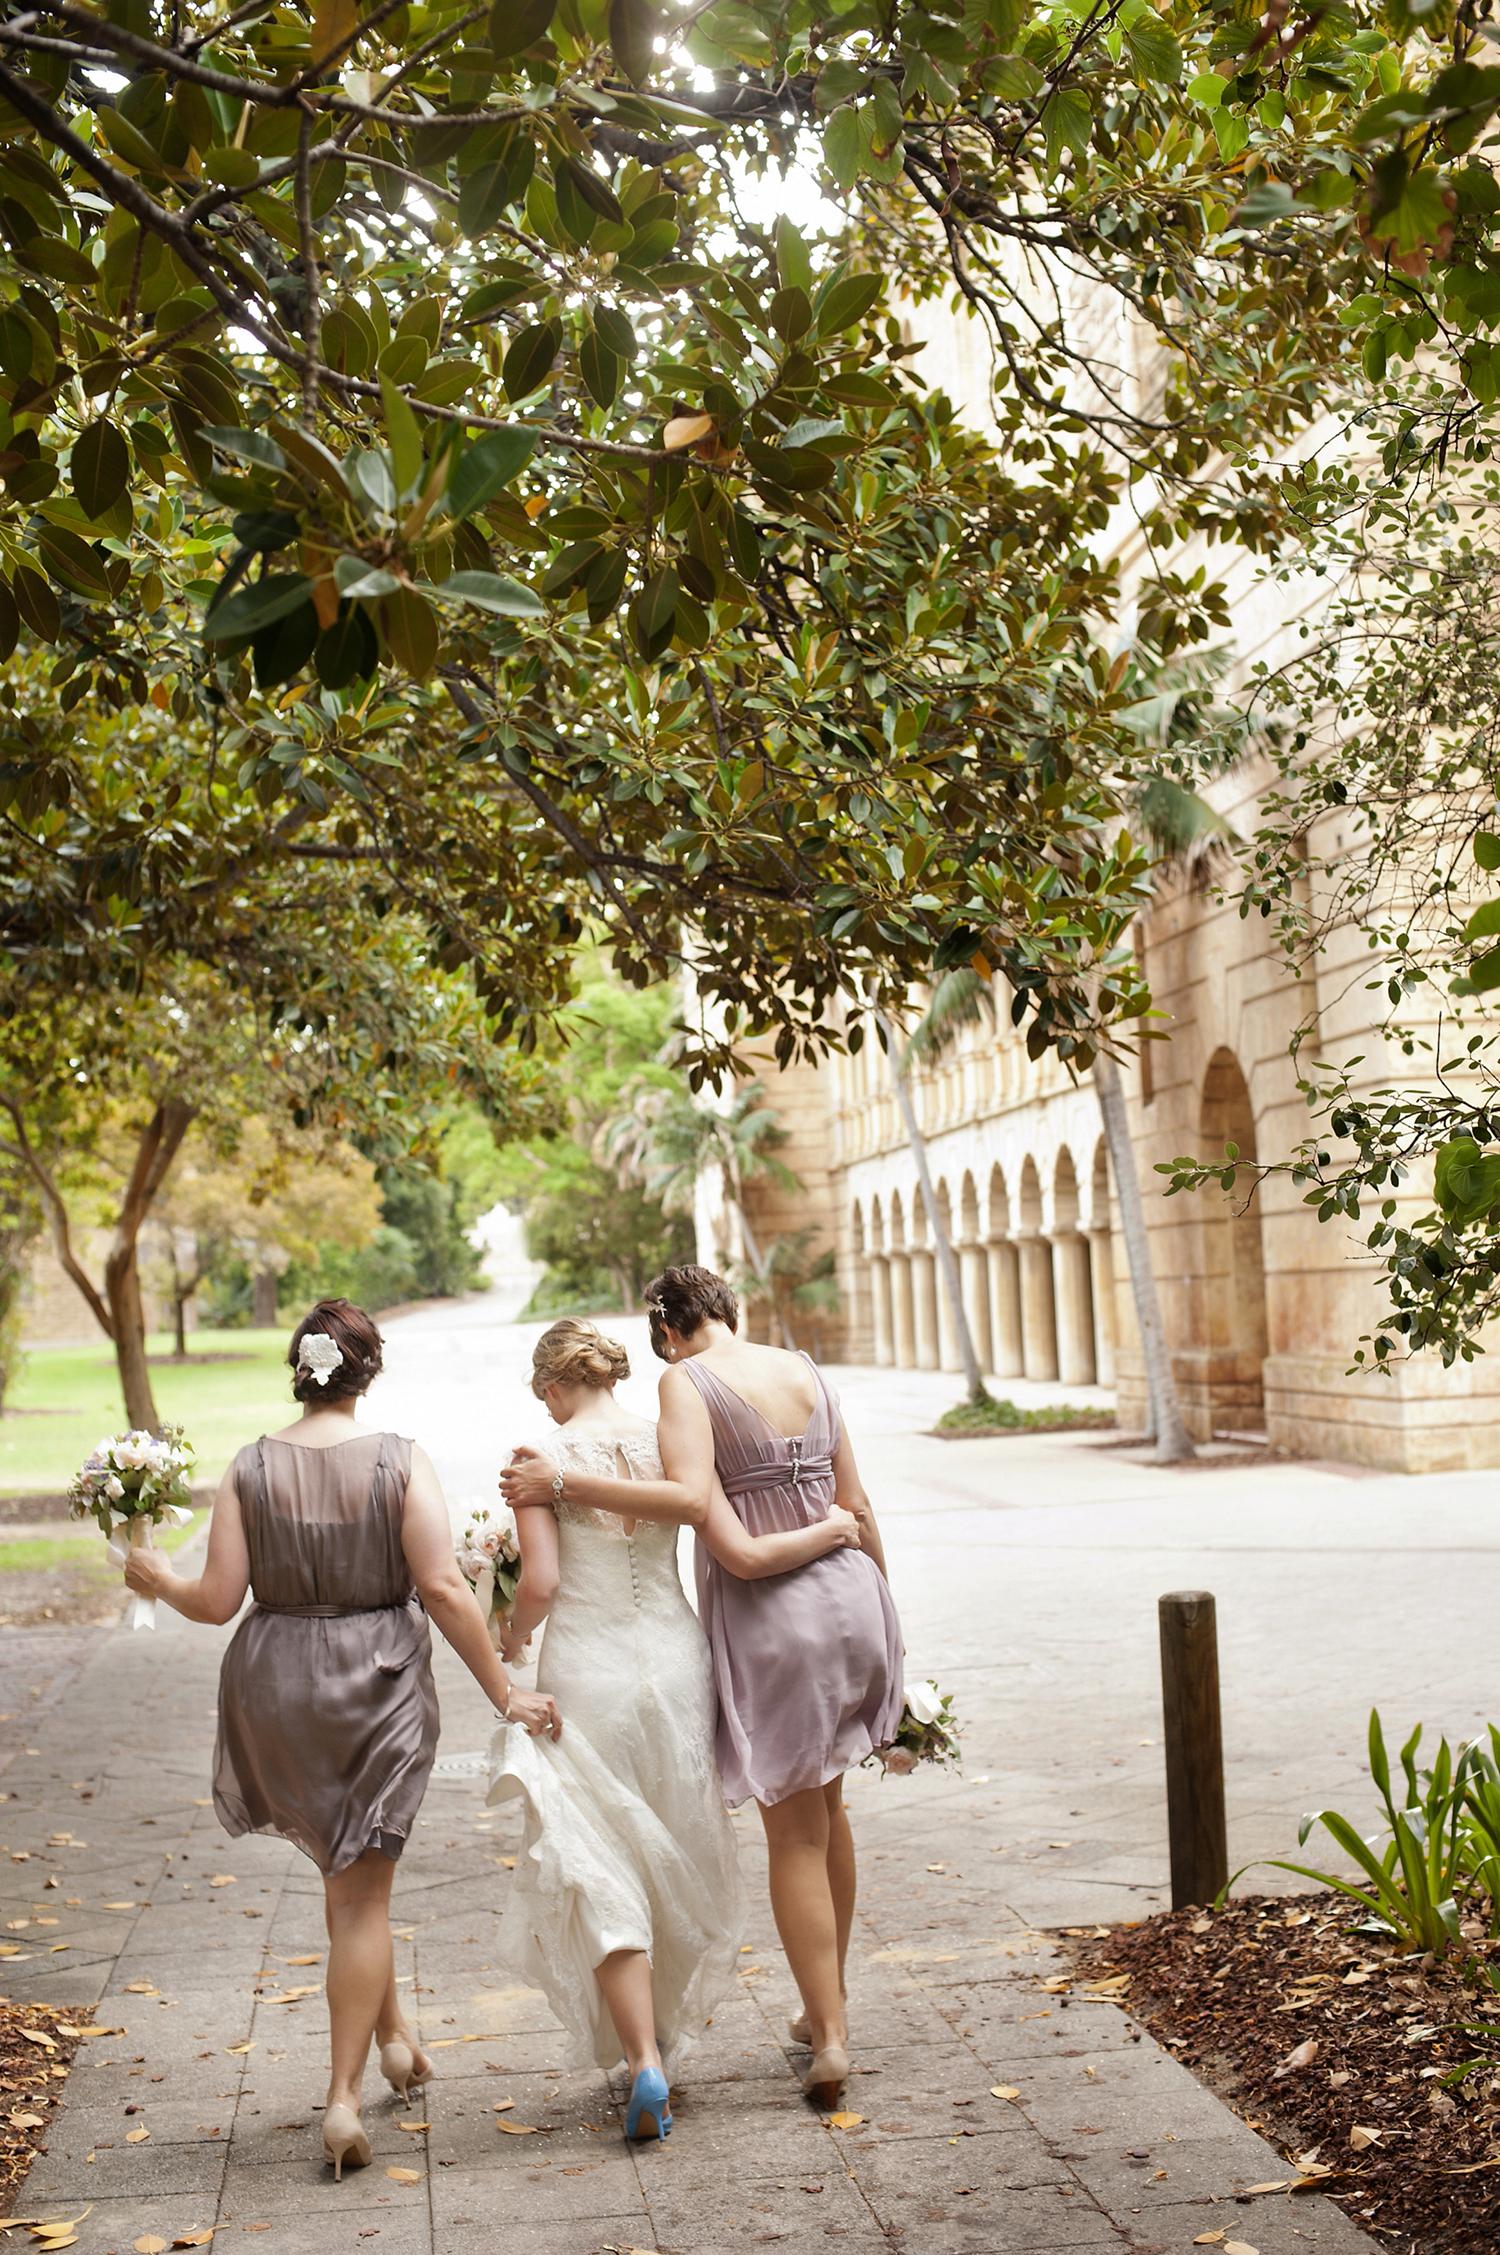 fremantle wedding photography 032.jpg